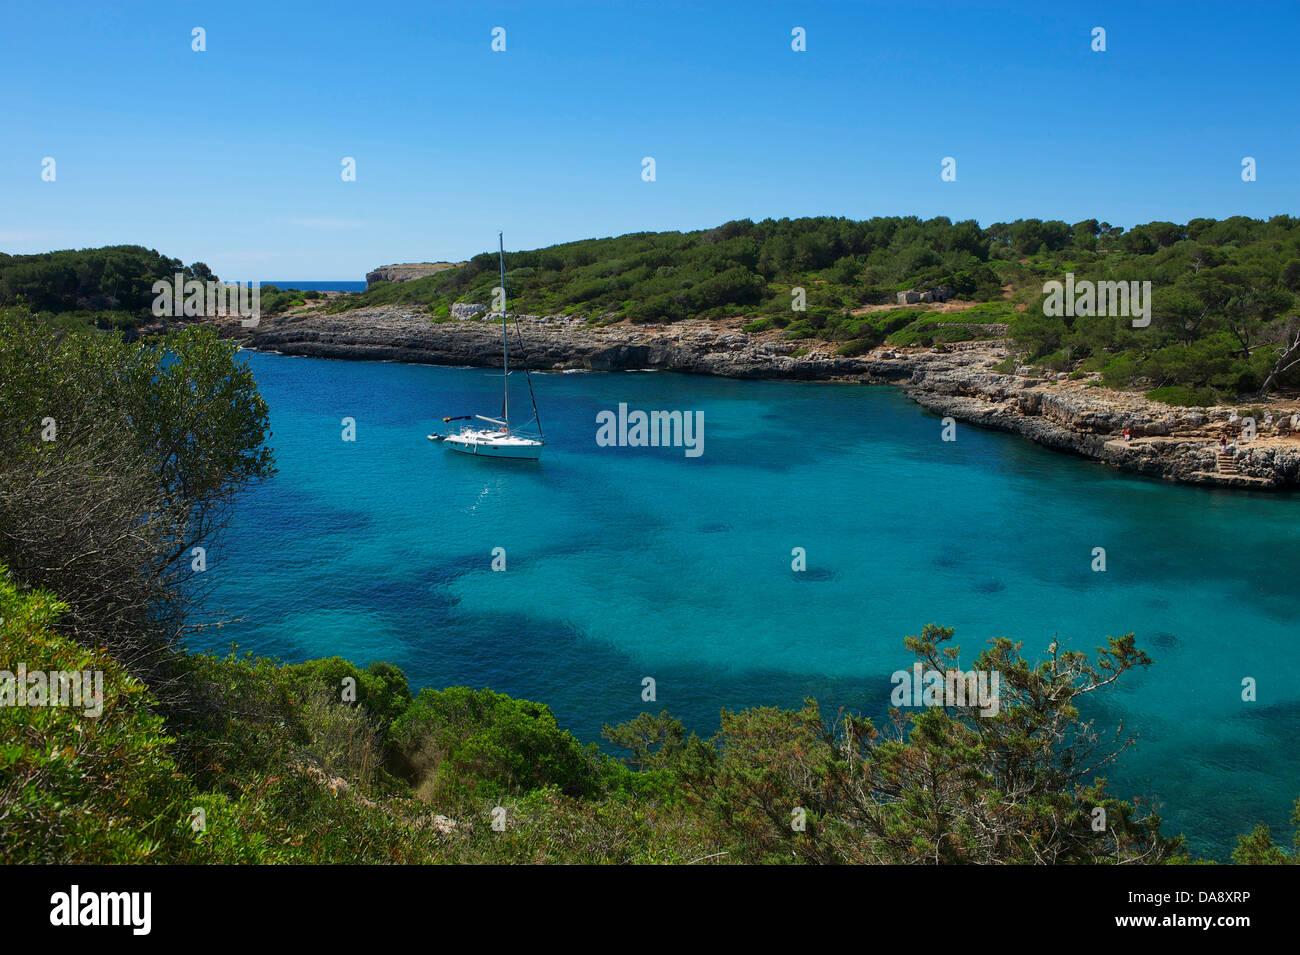 Balearic Islands, Majorca, Mallorca, Spain, Europe, outside, Cala Sa Nau, coast, seashore, coasts, seashores, coastal - Stock Image